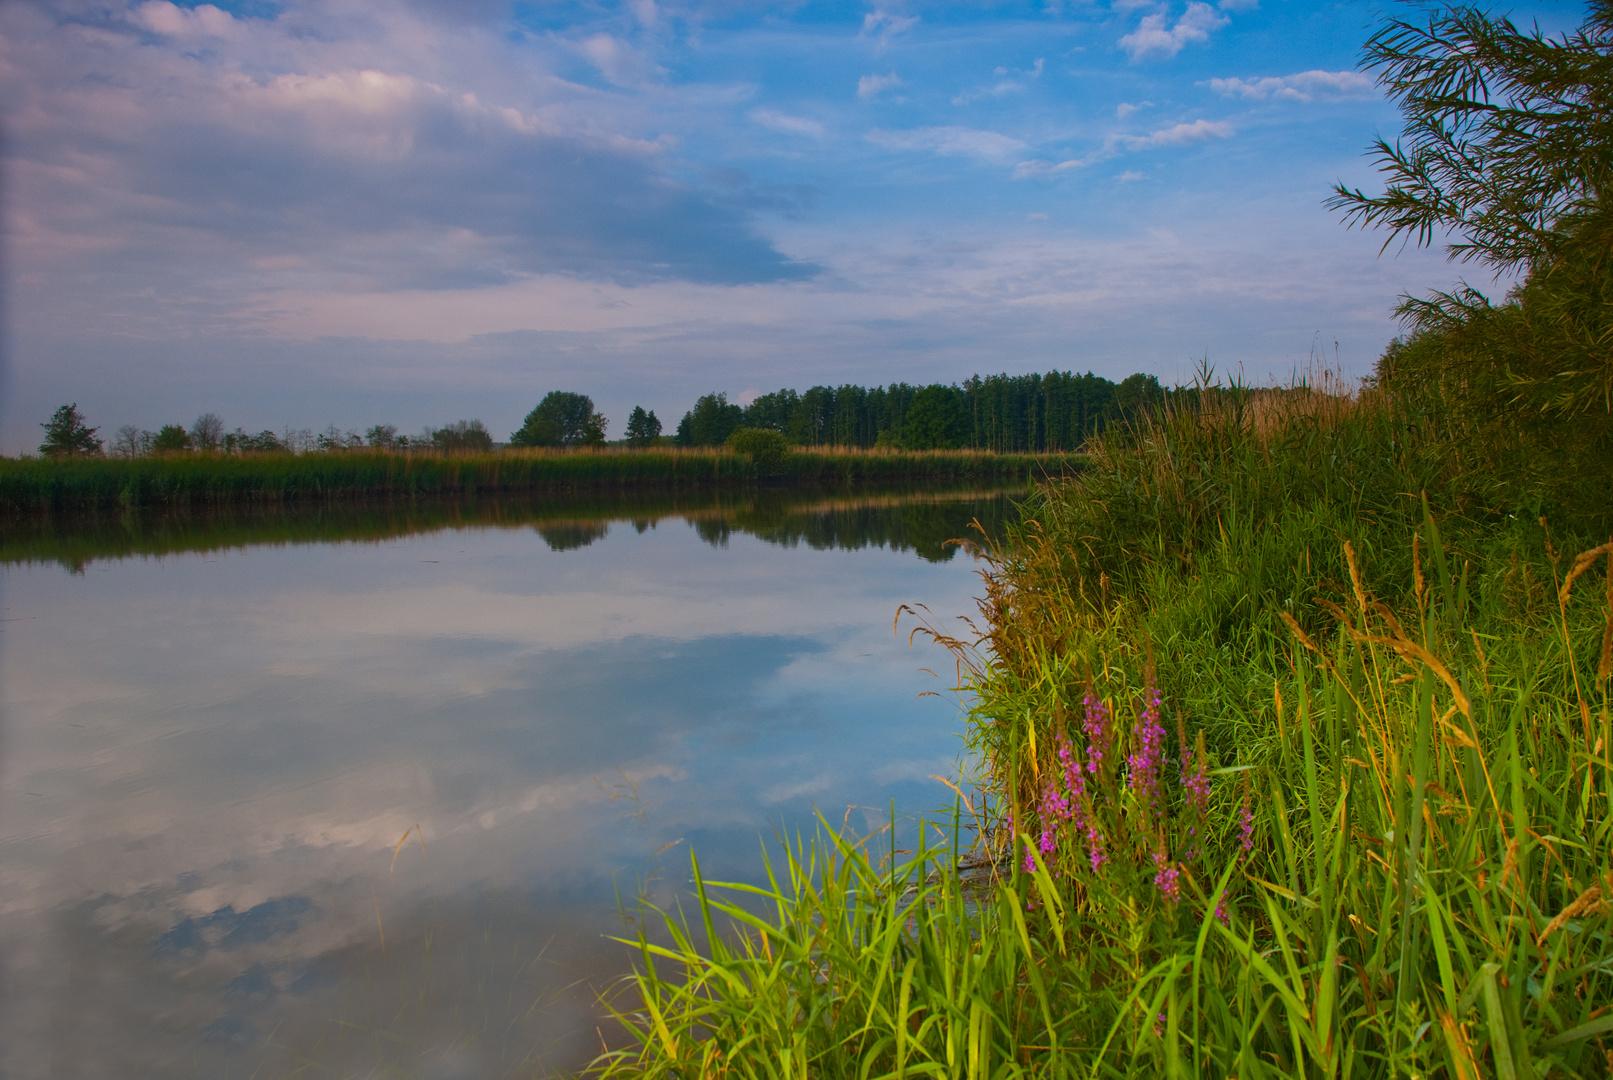 Am stillen Fluss